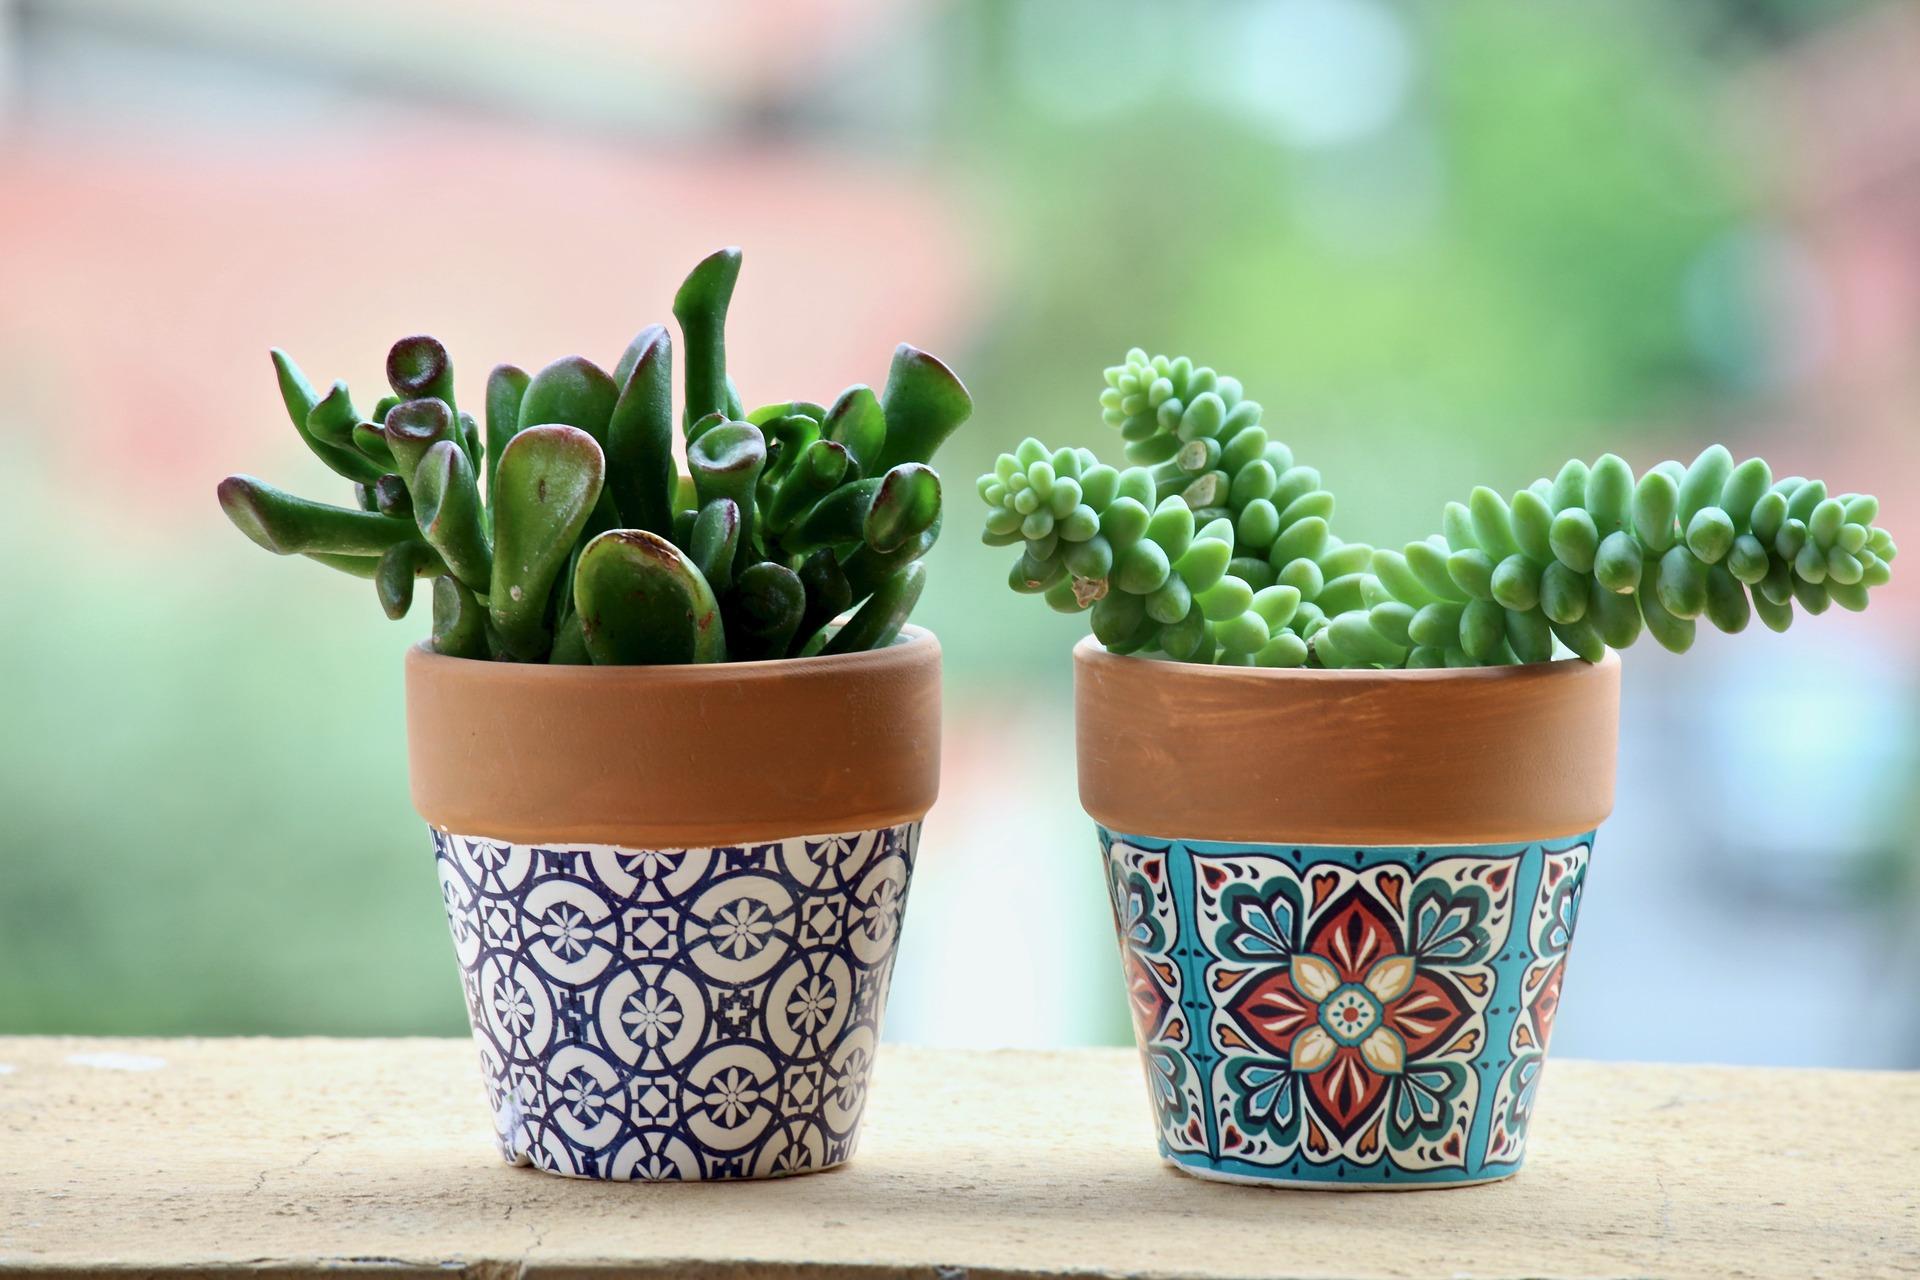 LIV green - cactus